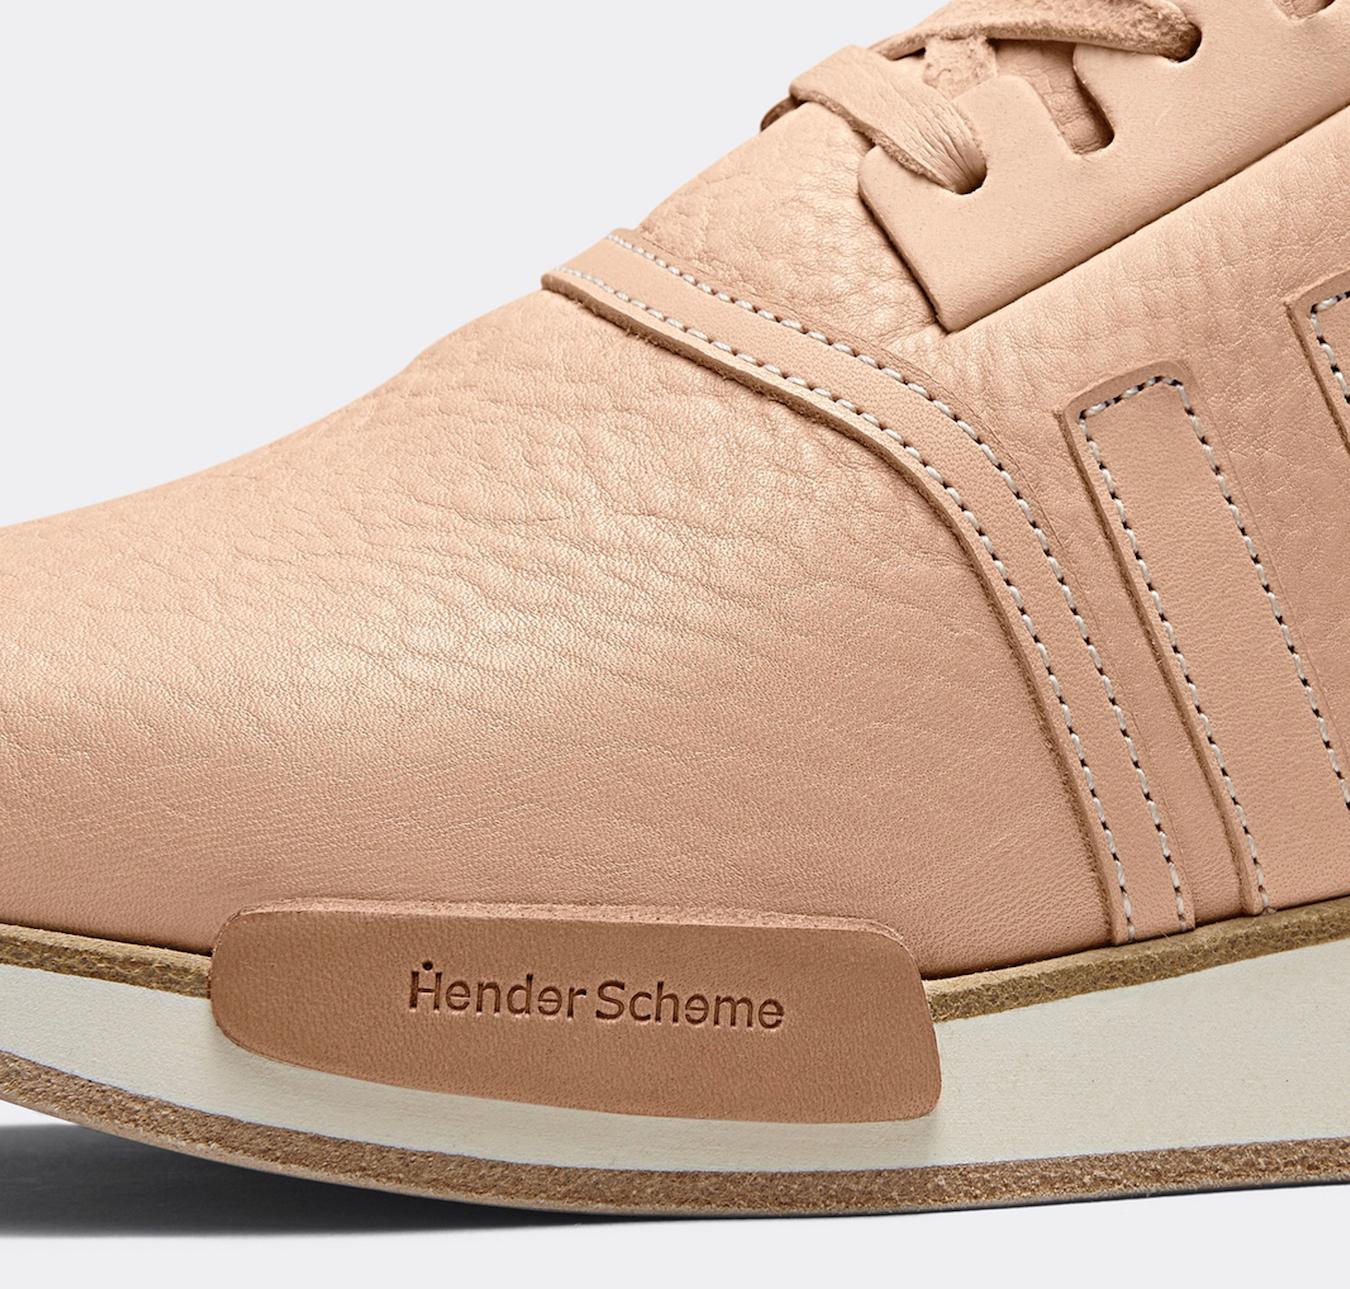 78e6985d856b5 ... hender scheme adidas NMD 2 ...